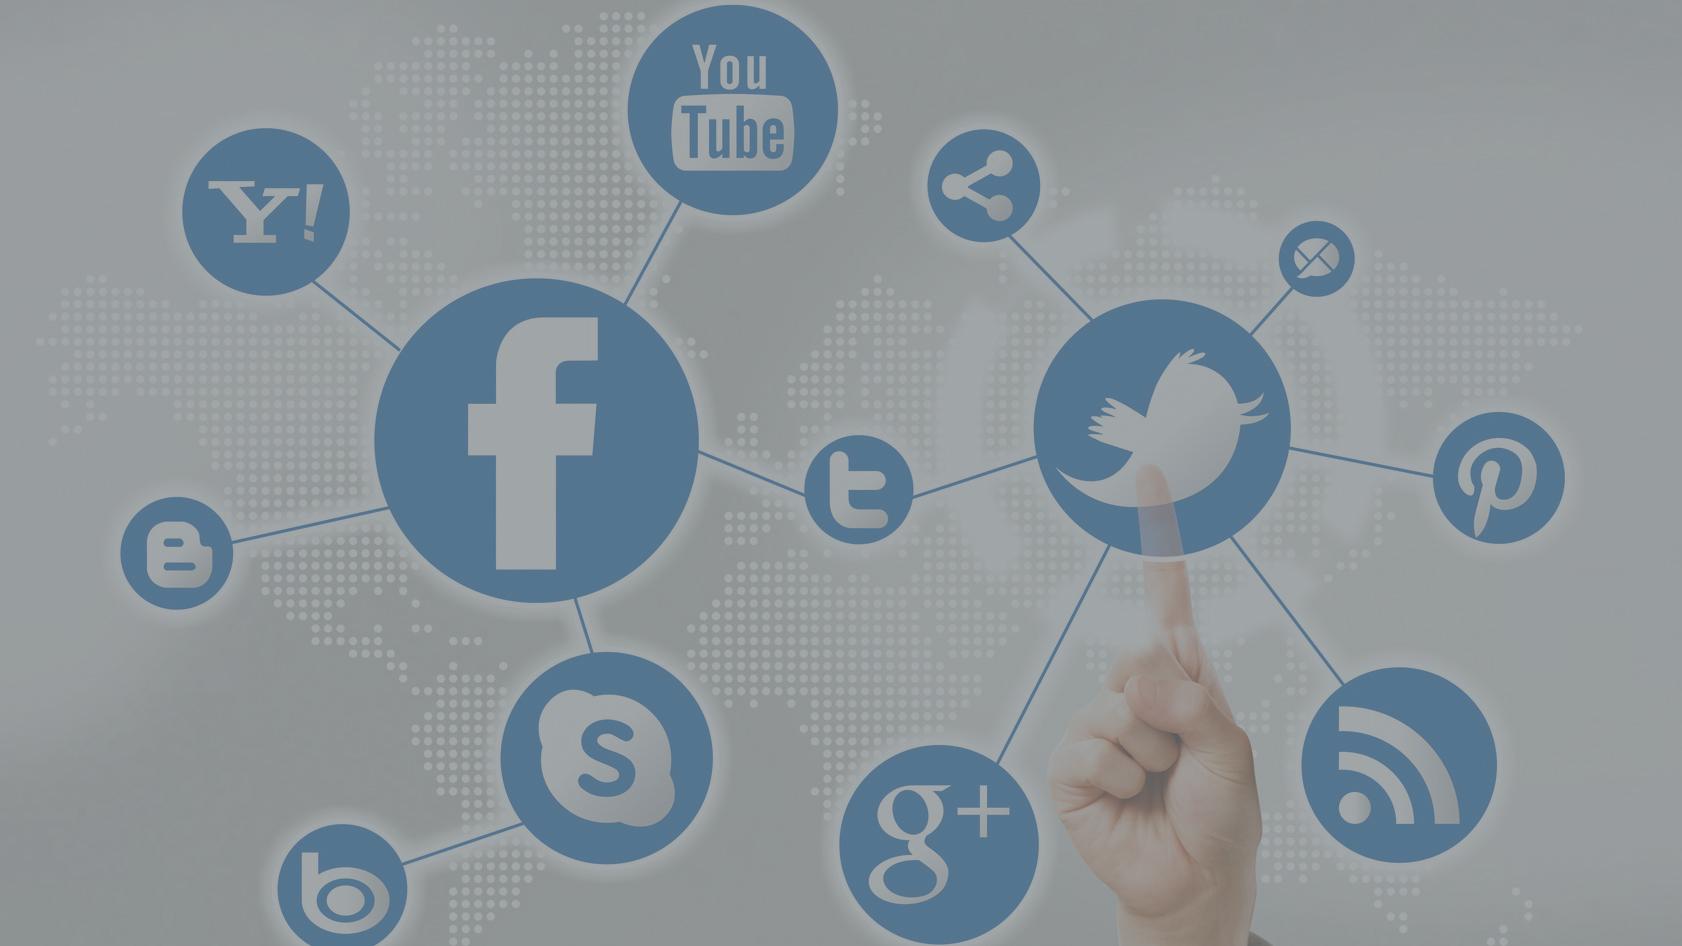 Social-Media1 (2) copy copy